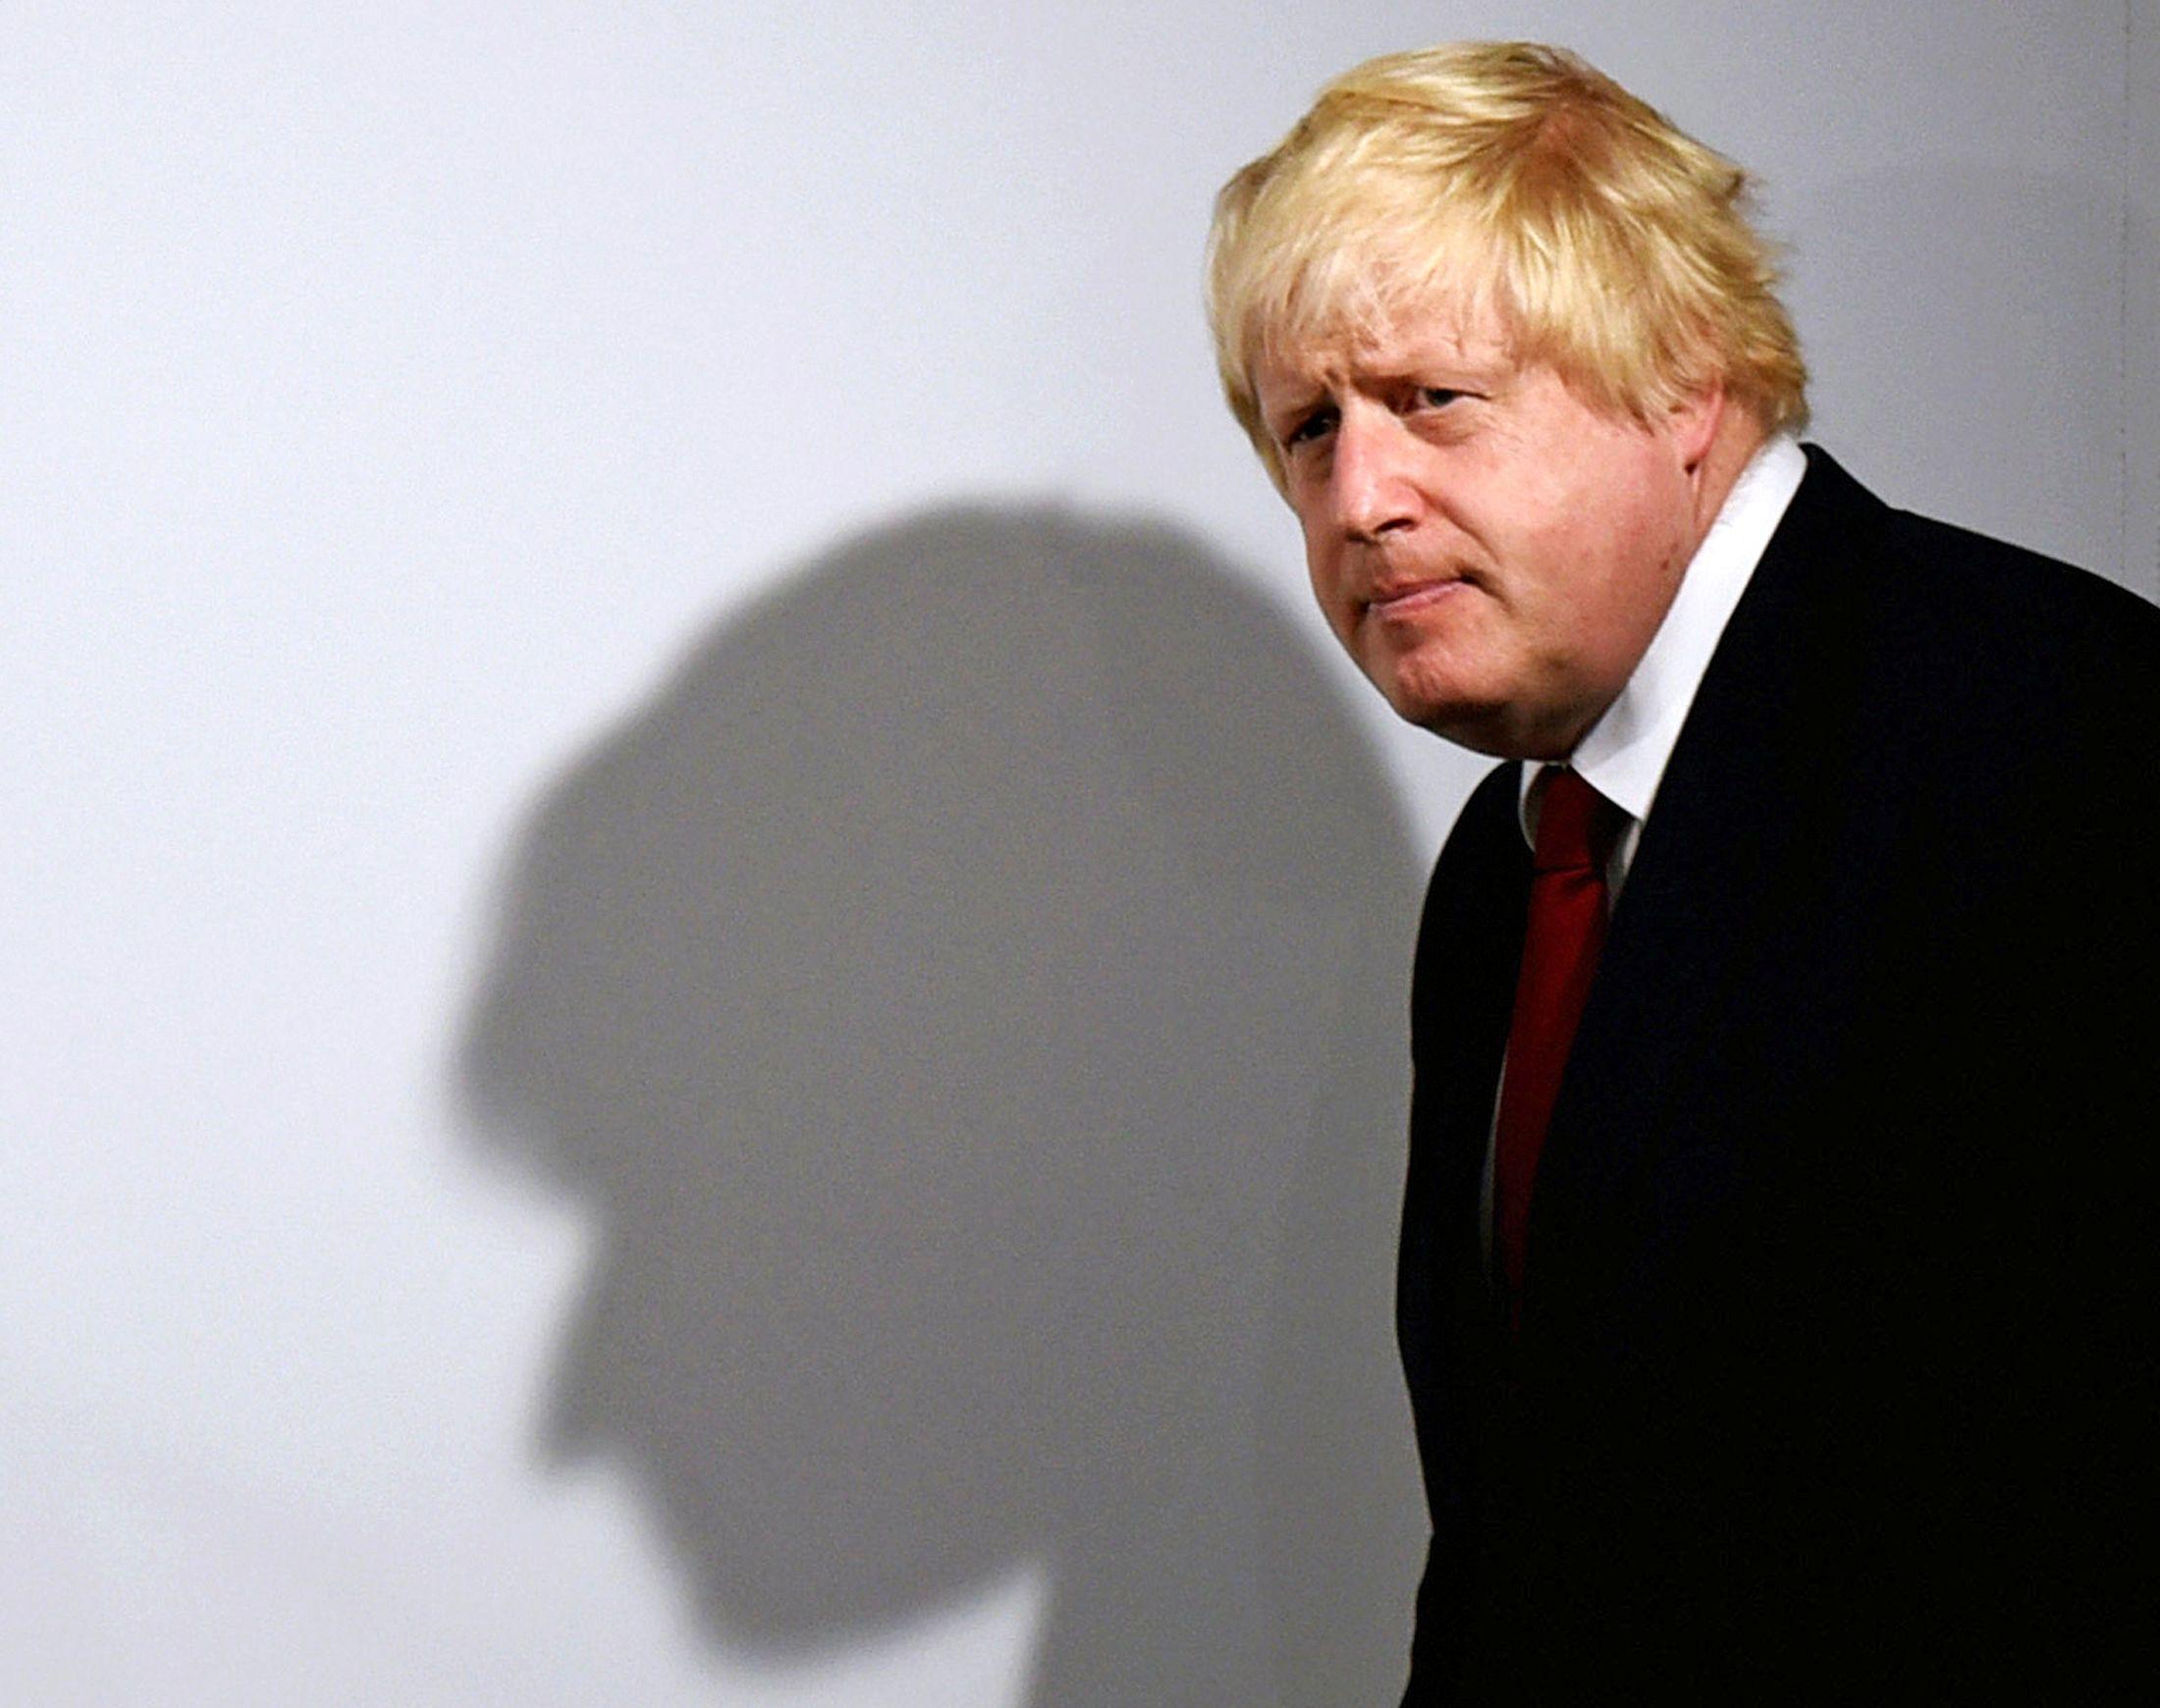 Quand le parti conservateur britannique redevient un parti de droite